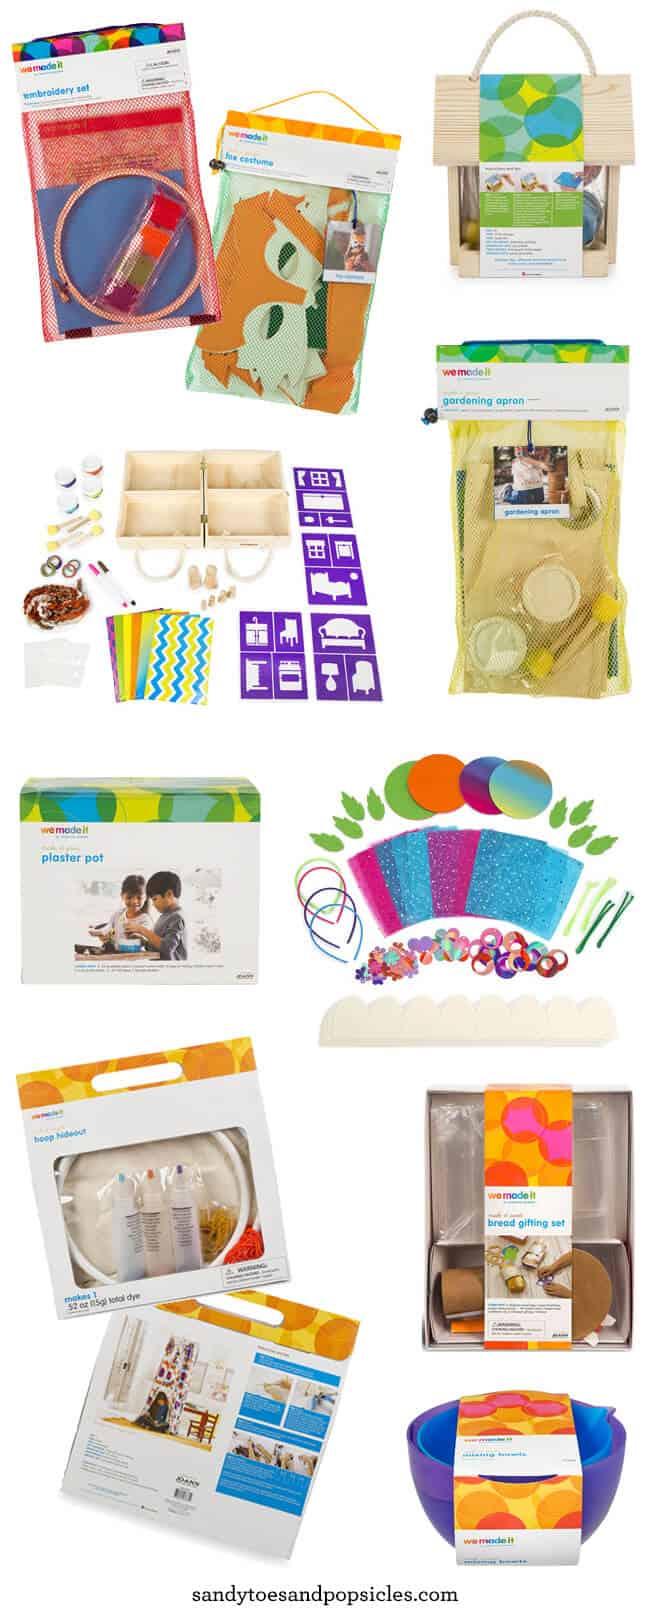 We Made It Craft Kits for Kids by Celebrity Jennifer Garner